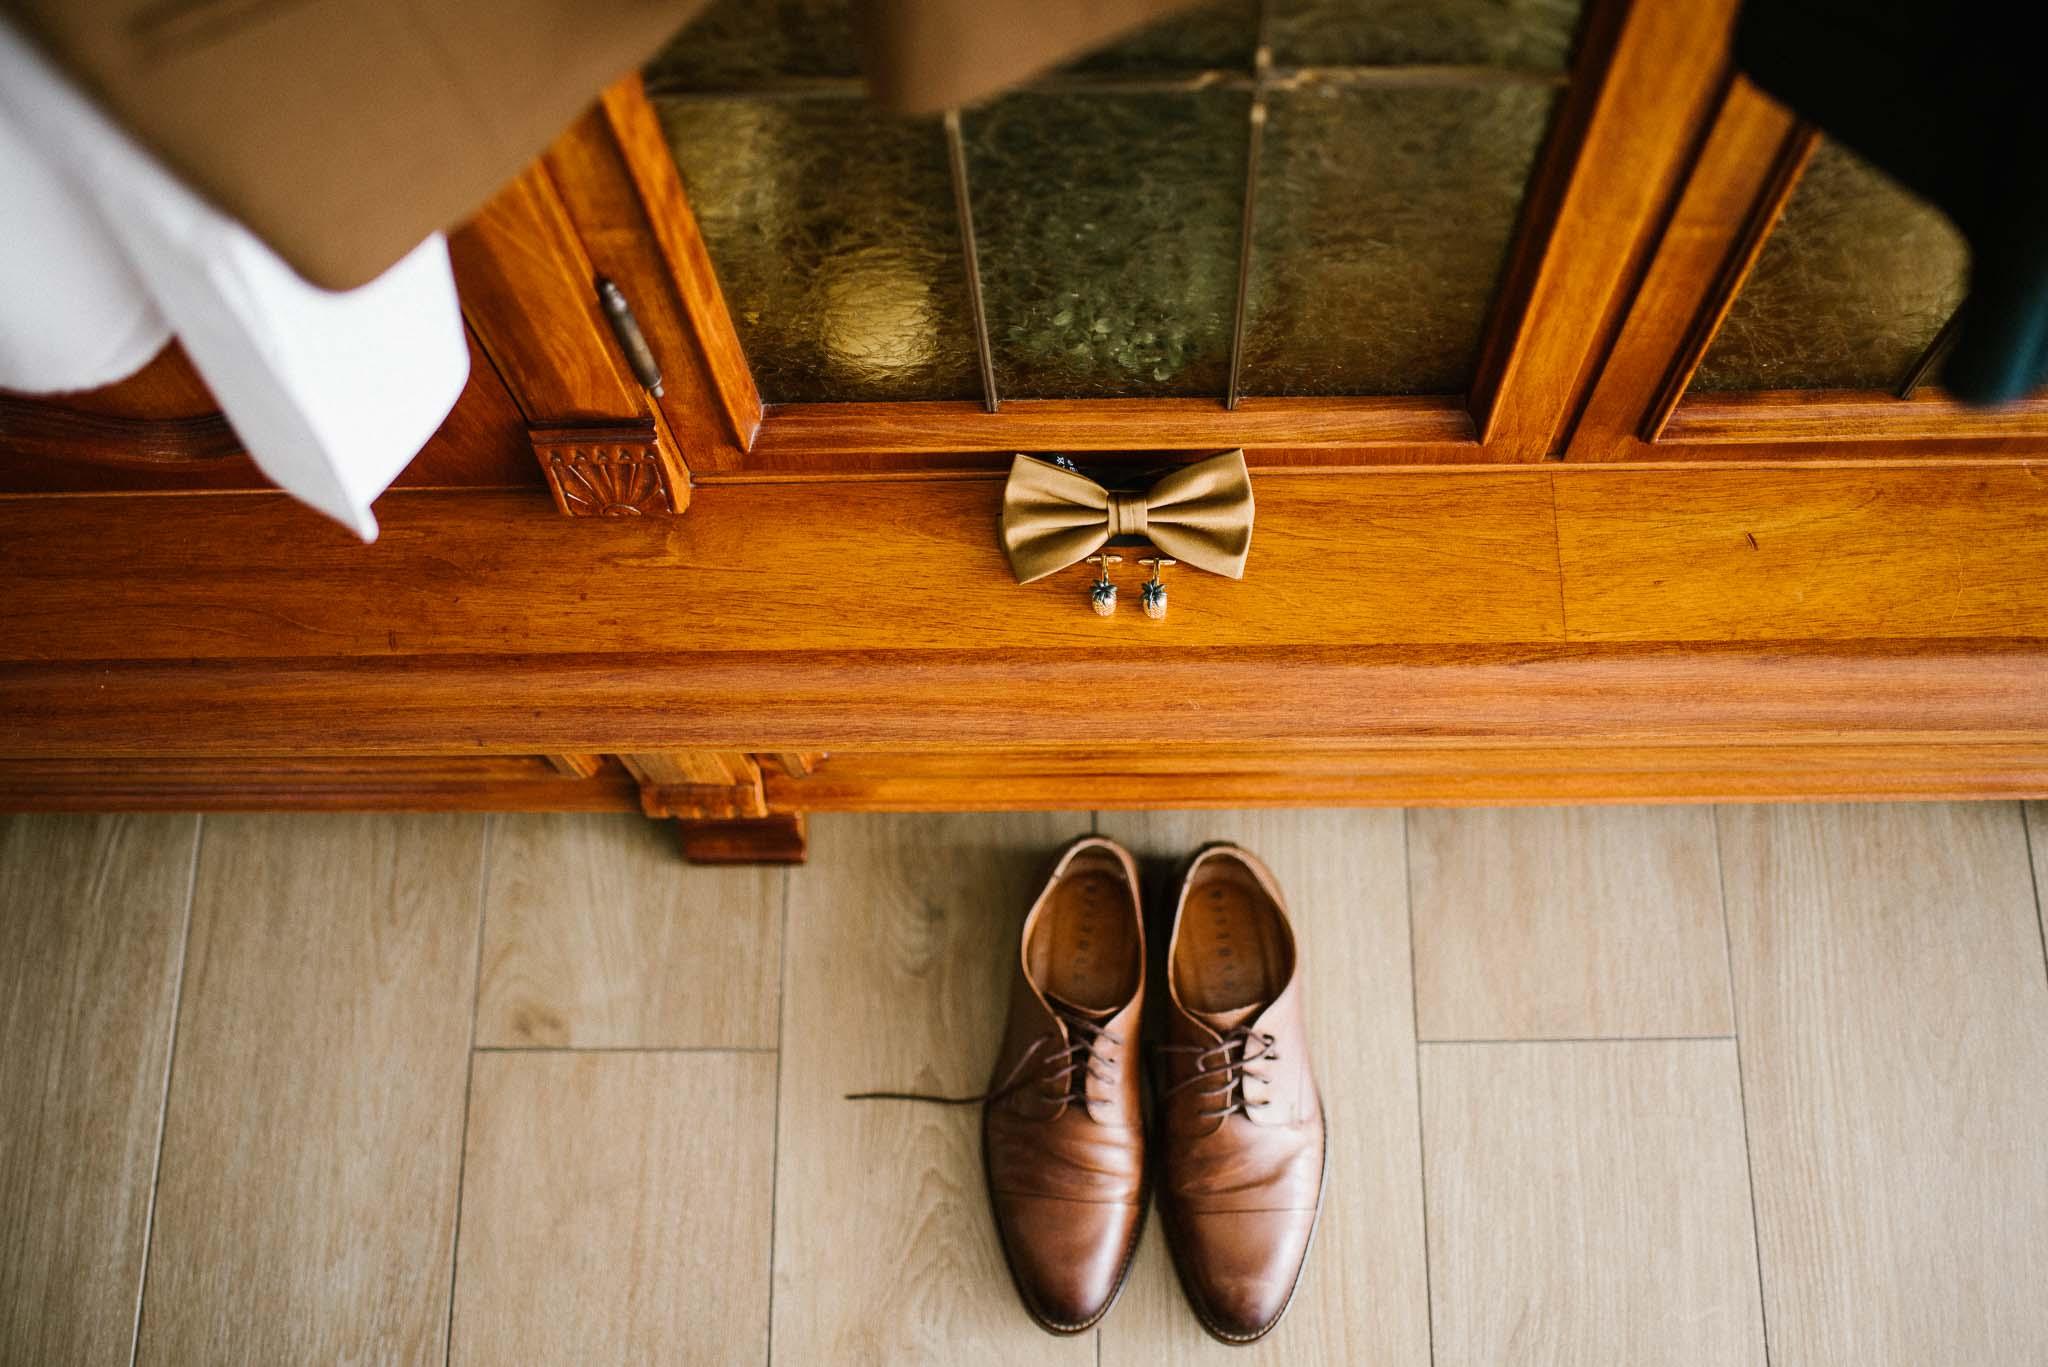 Buty ślubne, mucha i spinki do mankietów pana młodego - ślub w Stodole Bojanowo